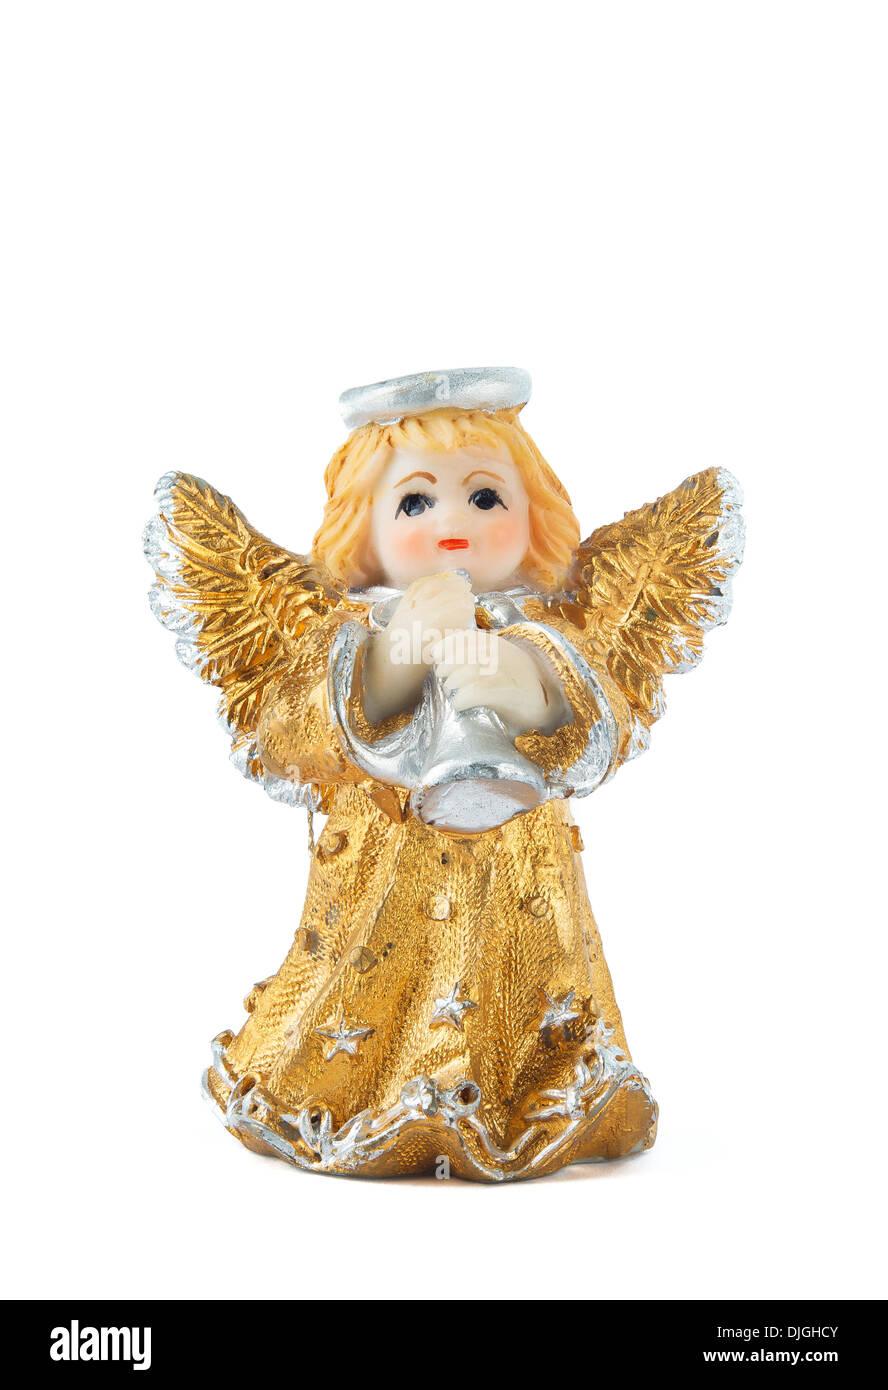 Eine kleine Miniatur-Statue eine bunte Engel mit Flügeln und Heiligenschein, Trompete zu spielen Stockbild